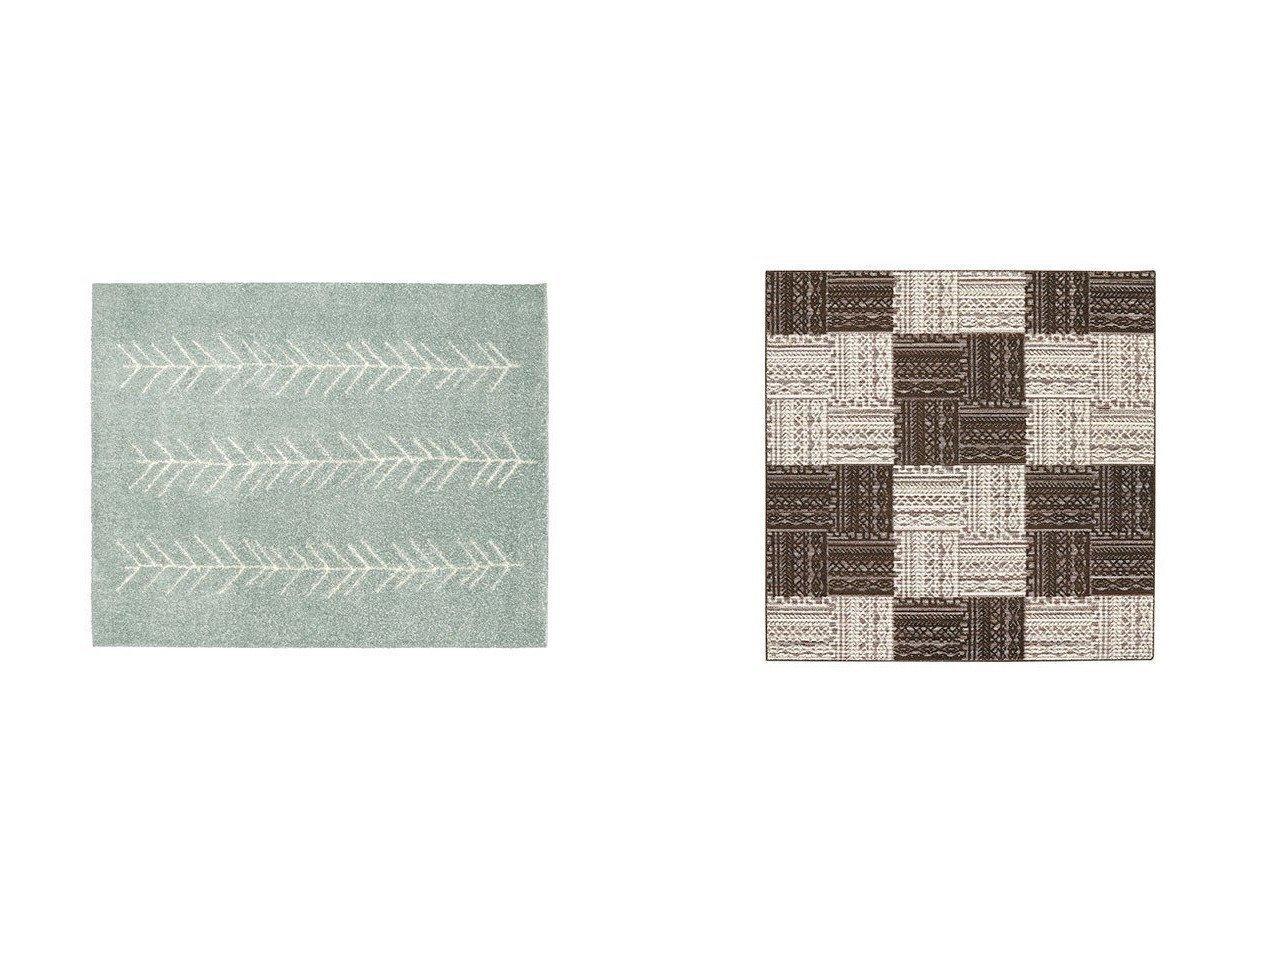 【FLYMEe vert/フライミー ヴェール】のラグ #108261&ラグ #108265 【ラグ・絨毯・カーペット お家時間 FURNITURE】おすすめ!人気、インテリア雑貨・家具の通販 おすすめで人気の流行・トレンド、ファッションの通販商品 インテリア・家具・メンズファッション・キッズファッション・レディースファッション・服の通販 founy(ファニー) https://founy.com/ ハンド 抗菌 |ID:crp329100000054338